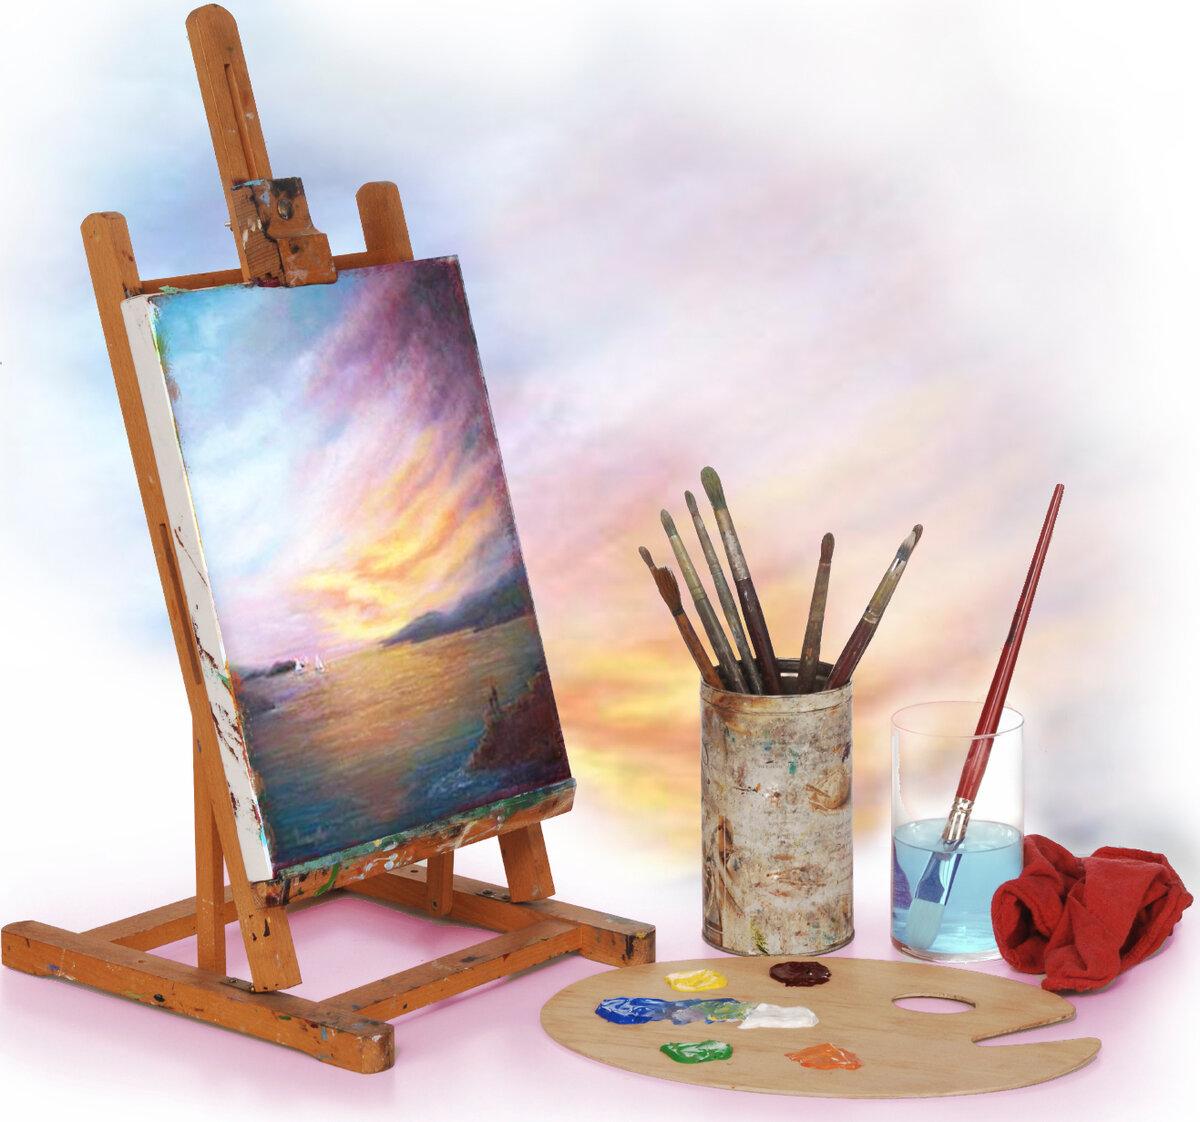 как картинки для художника предметы для рисования этом году